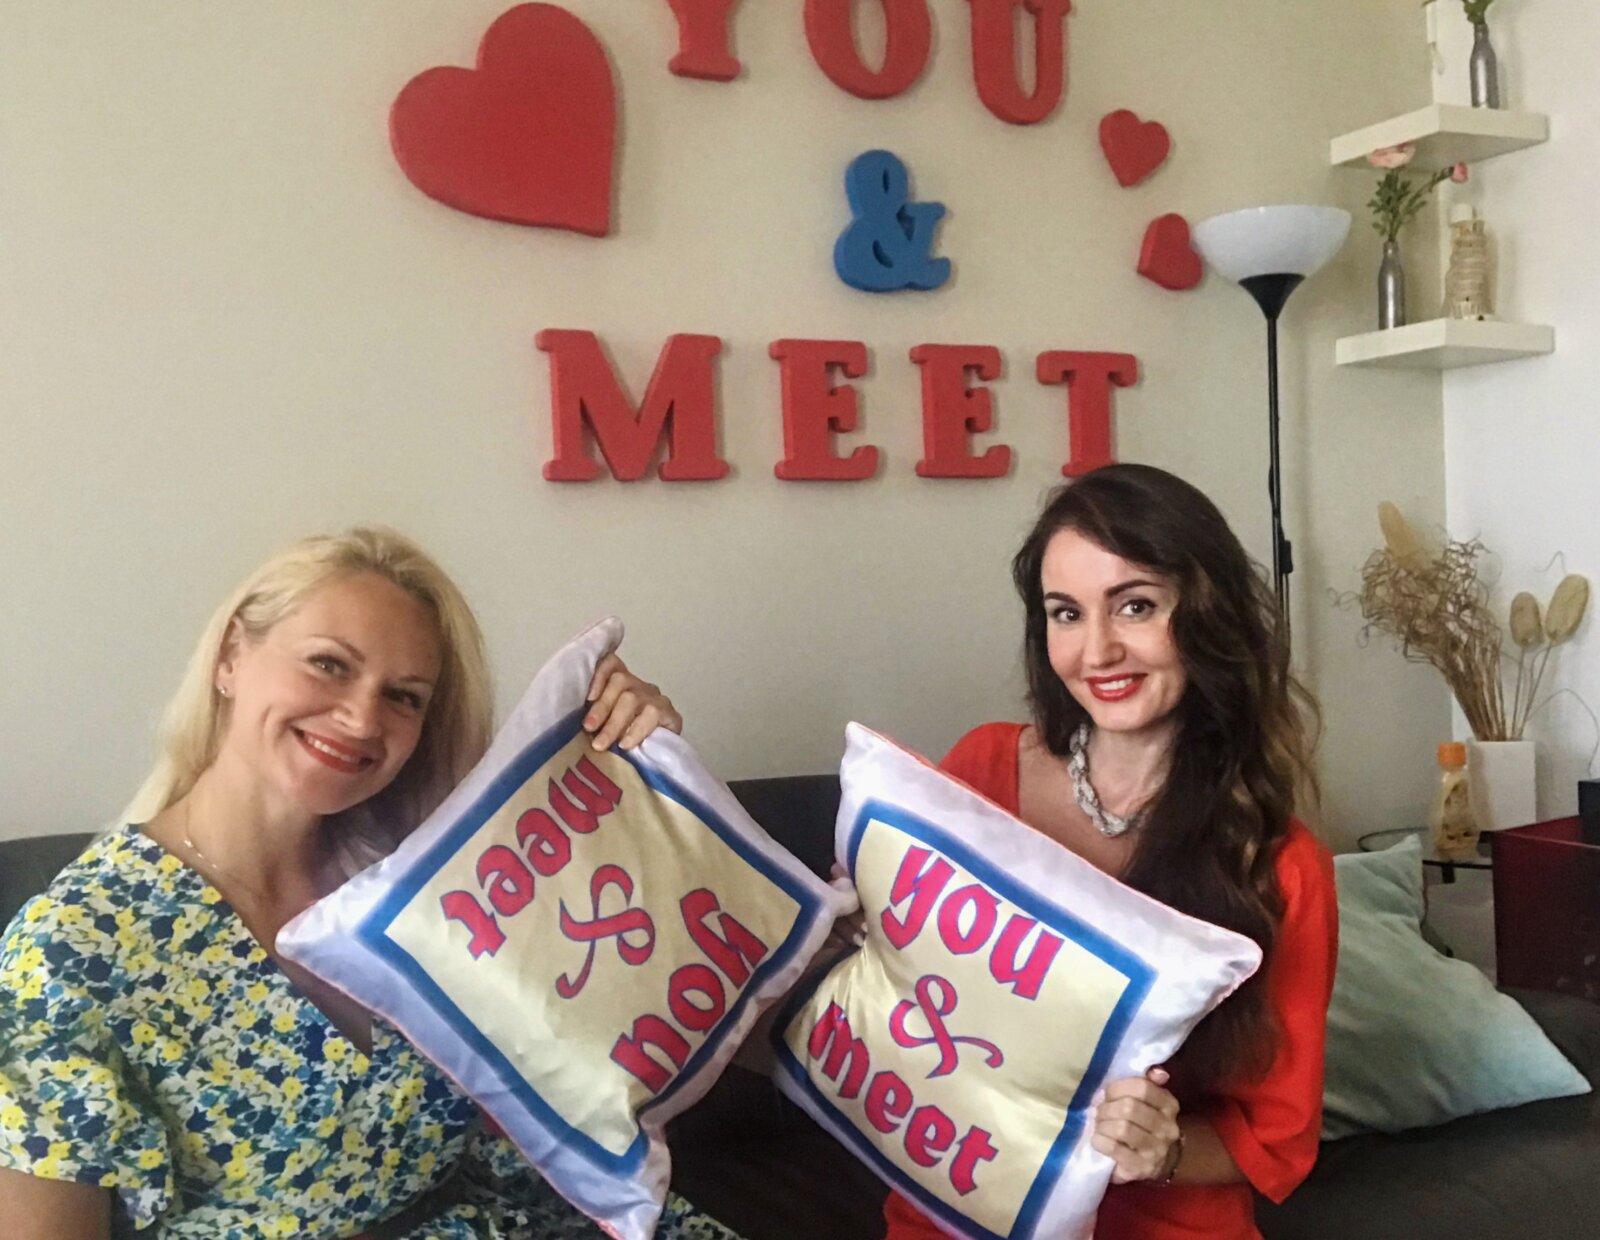 """Заміж за італійця. Знайомство з нашими італійськими партнерами шлюбною агенцією """"You and Meet"""", Мілан, Італія"""